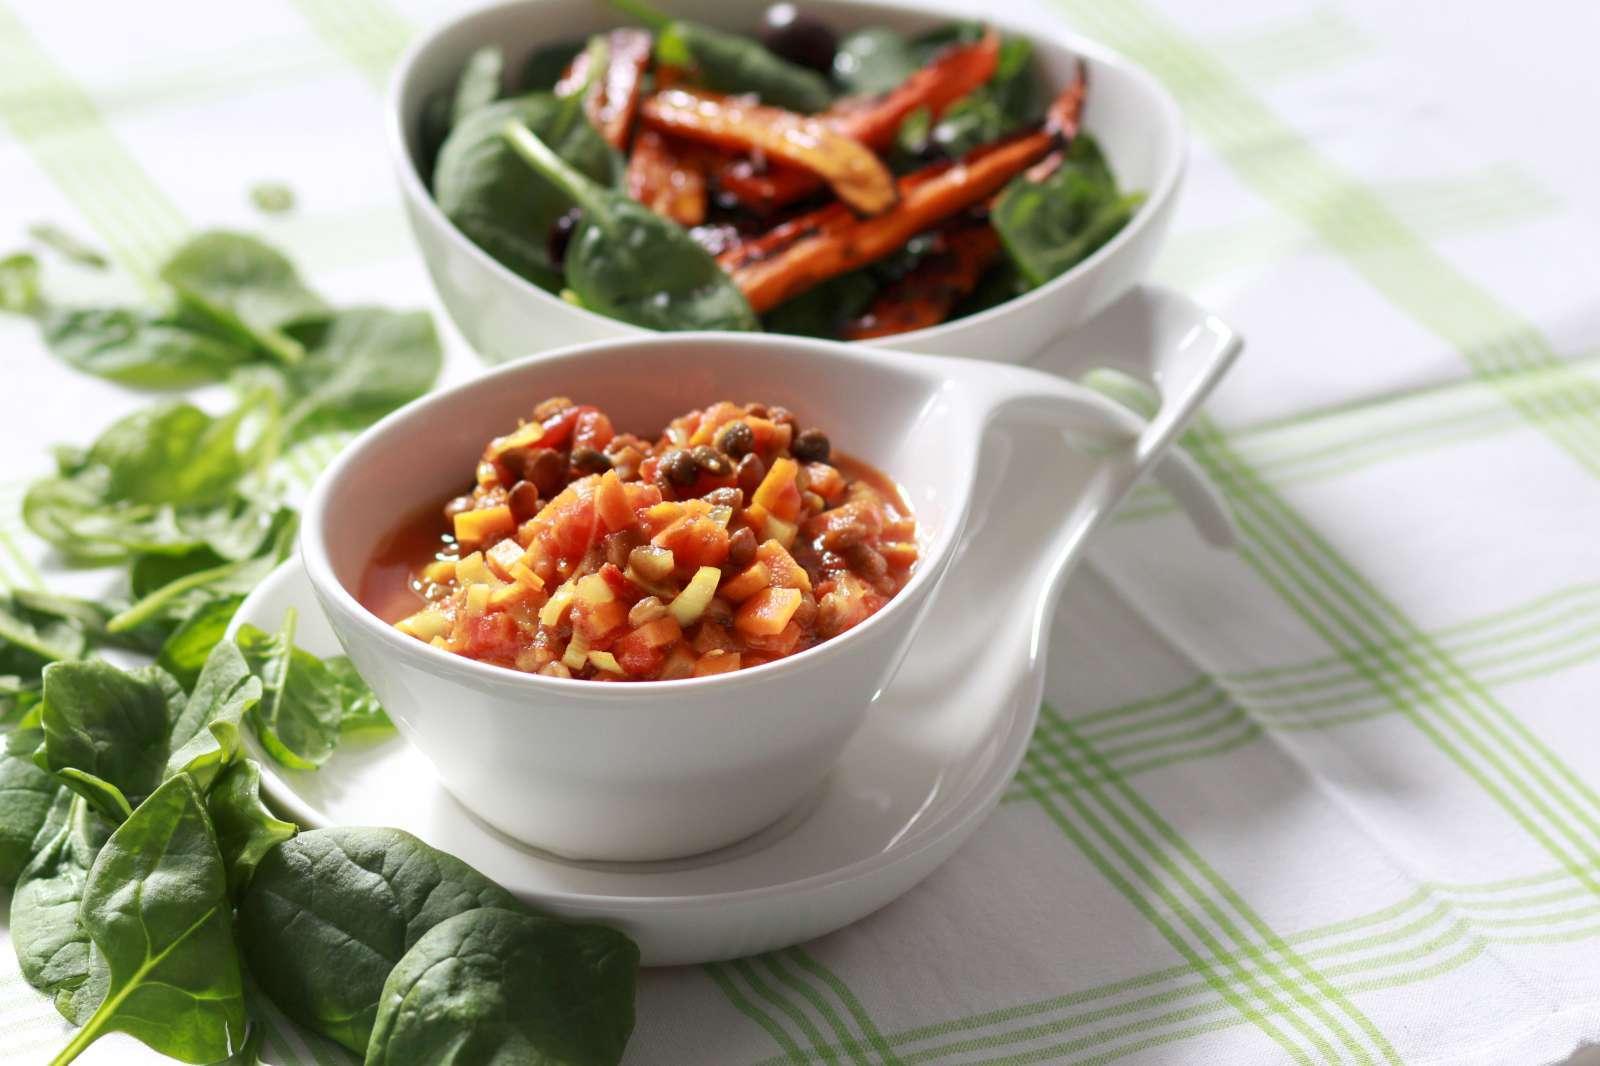 Morotssallad med spiskummin och tomat